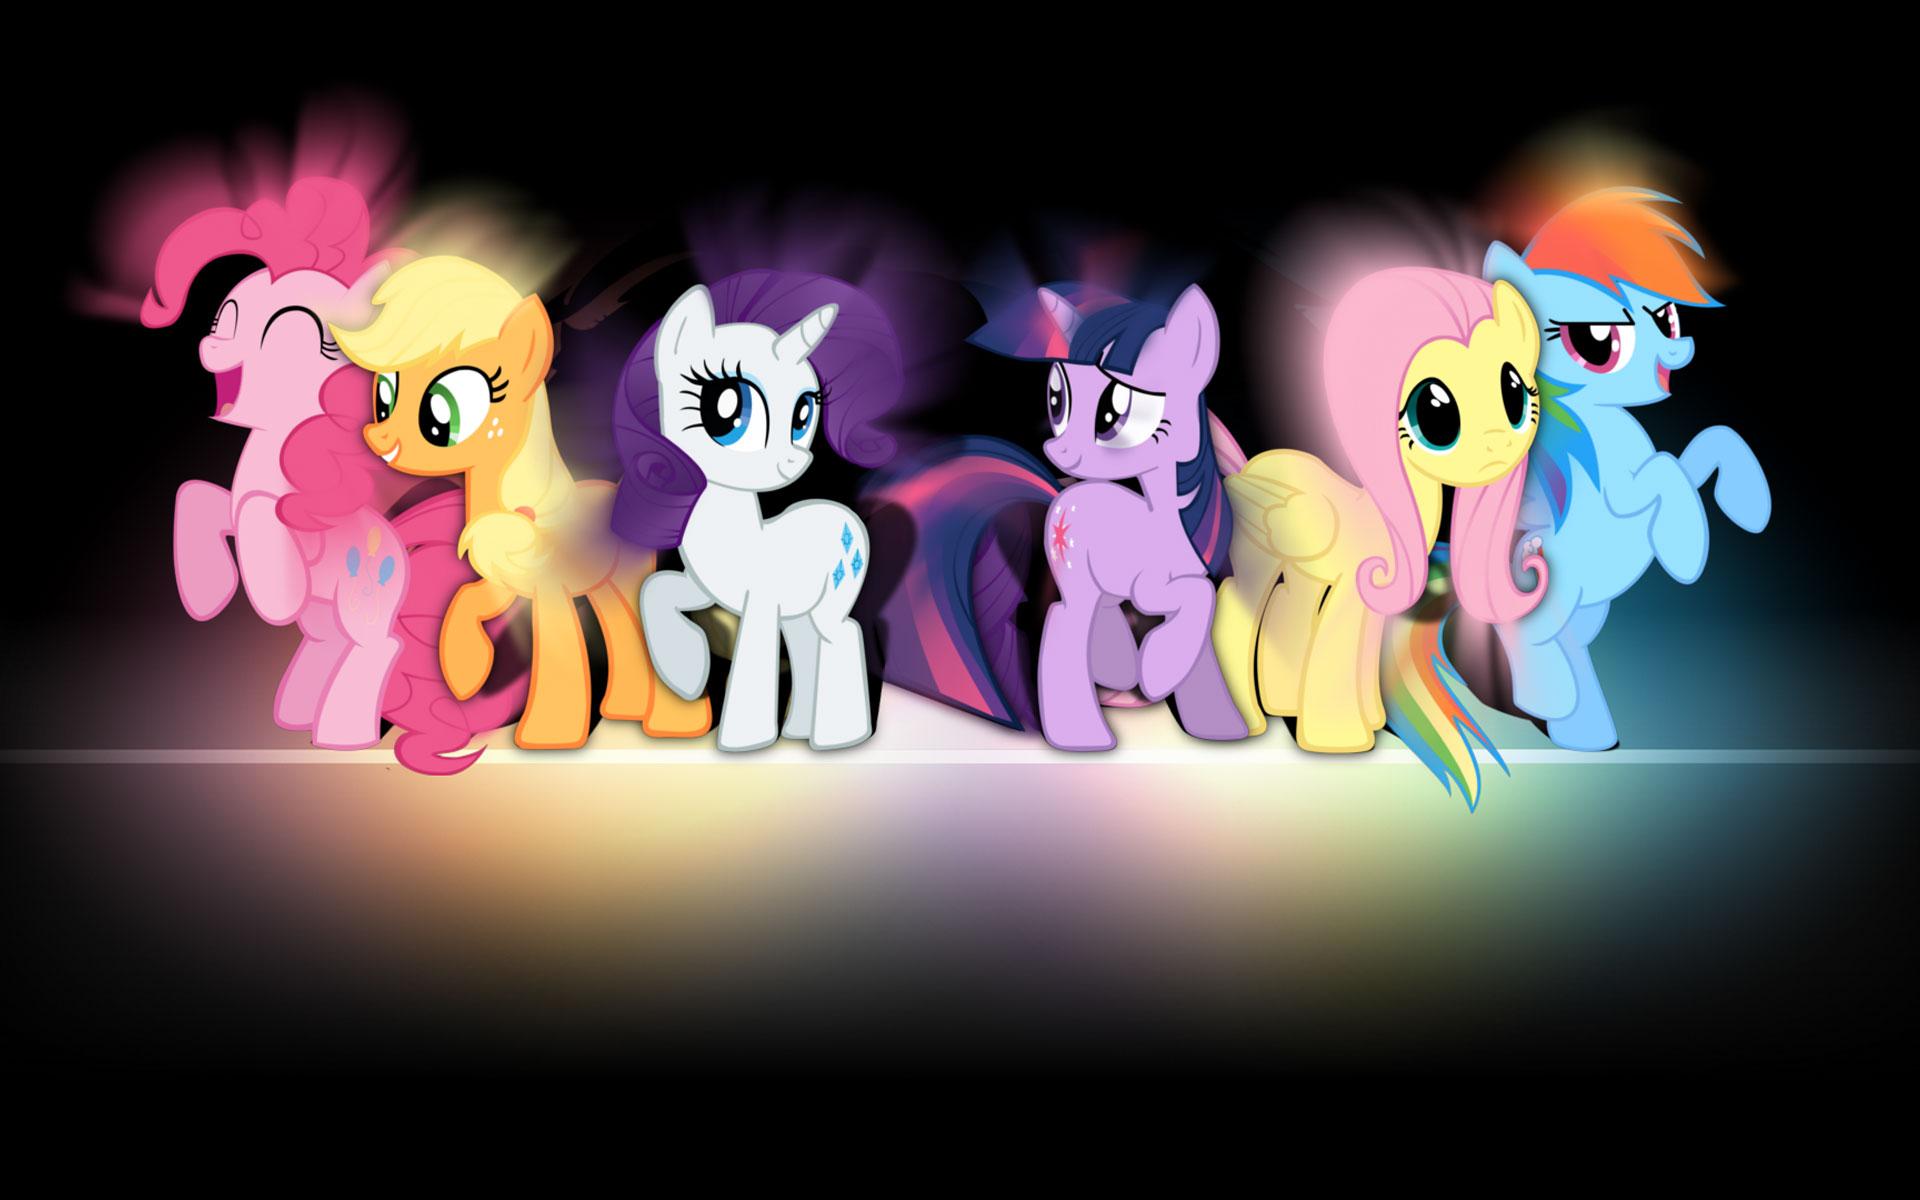 Cartoons Wallpaper My Little Pony - My Little Pony Wallpaper Hd - HD Wallpaper